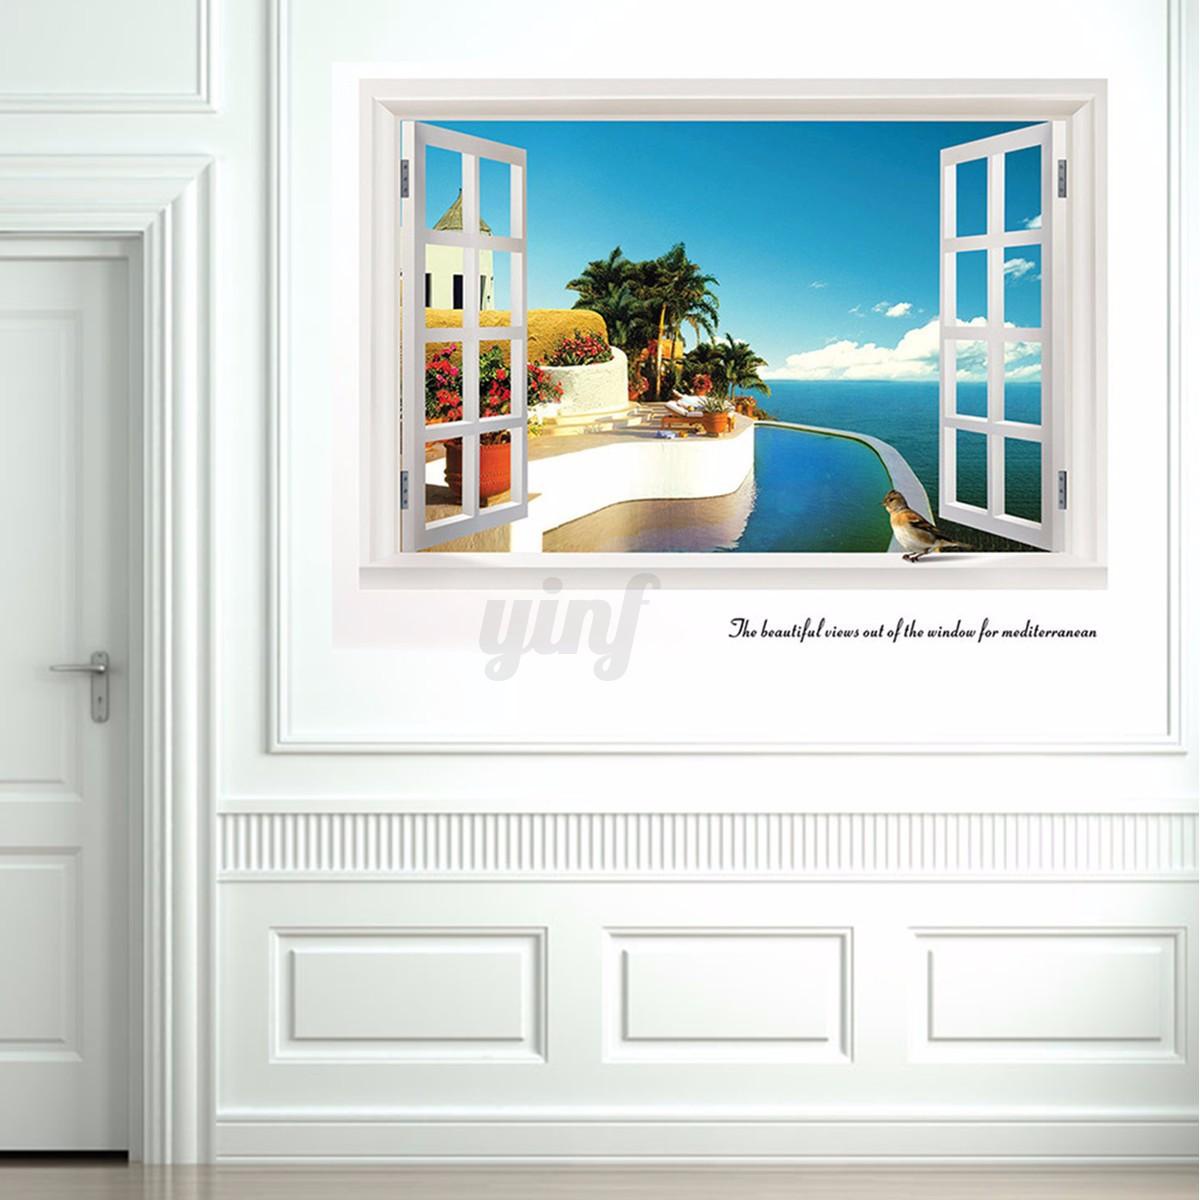 Grande effetto 3d adesivo muro vista finestra spiaggia - Adesivo murale finestra ...